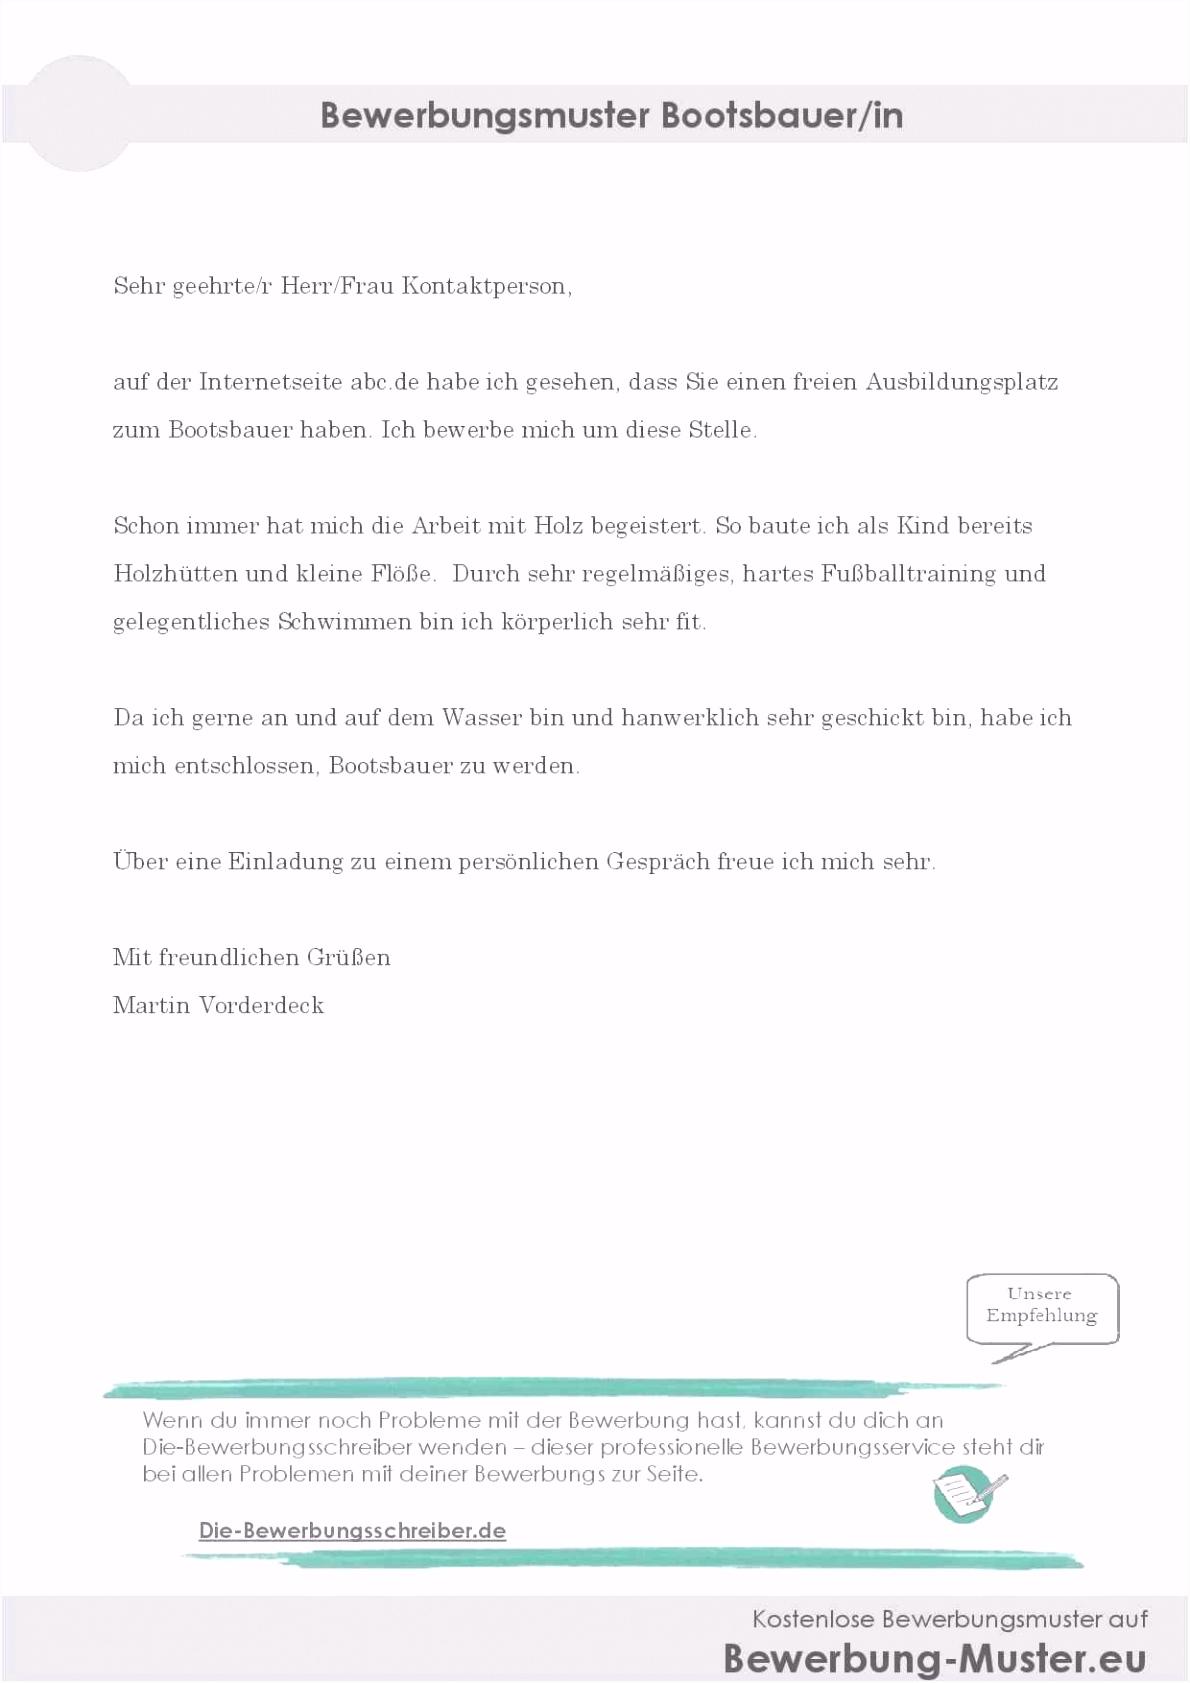 Burgschaft Vorlage Kostenlos Clever Fit Kündigung Die Besten Vorlage Bürgschaft Vorlage Muster E3qo84ith8 Vsru06jtw6